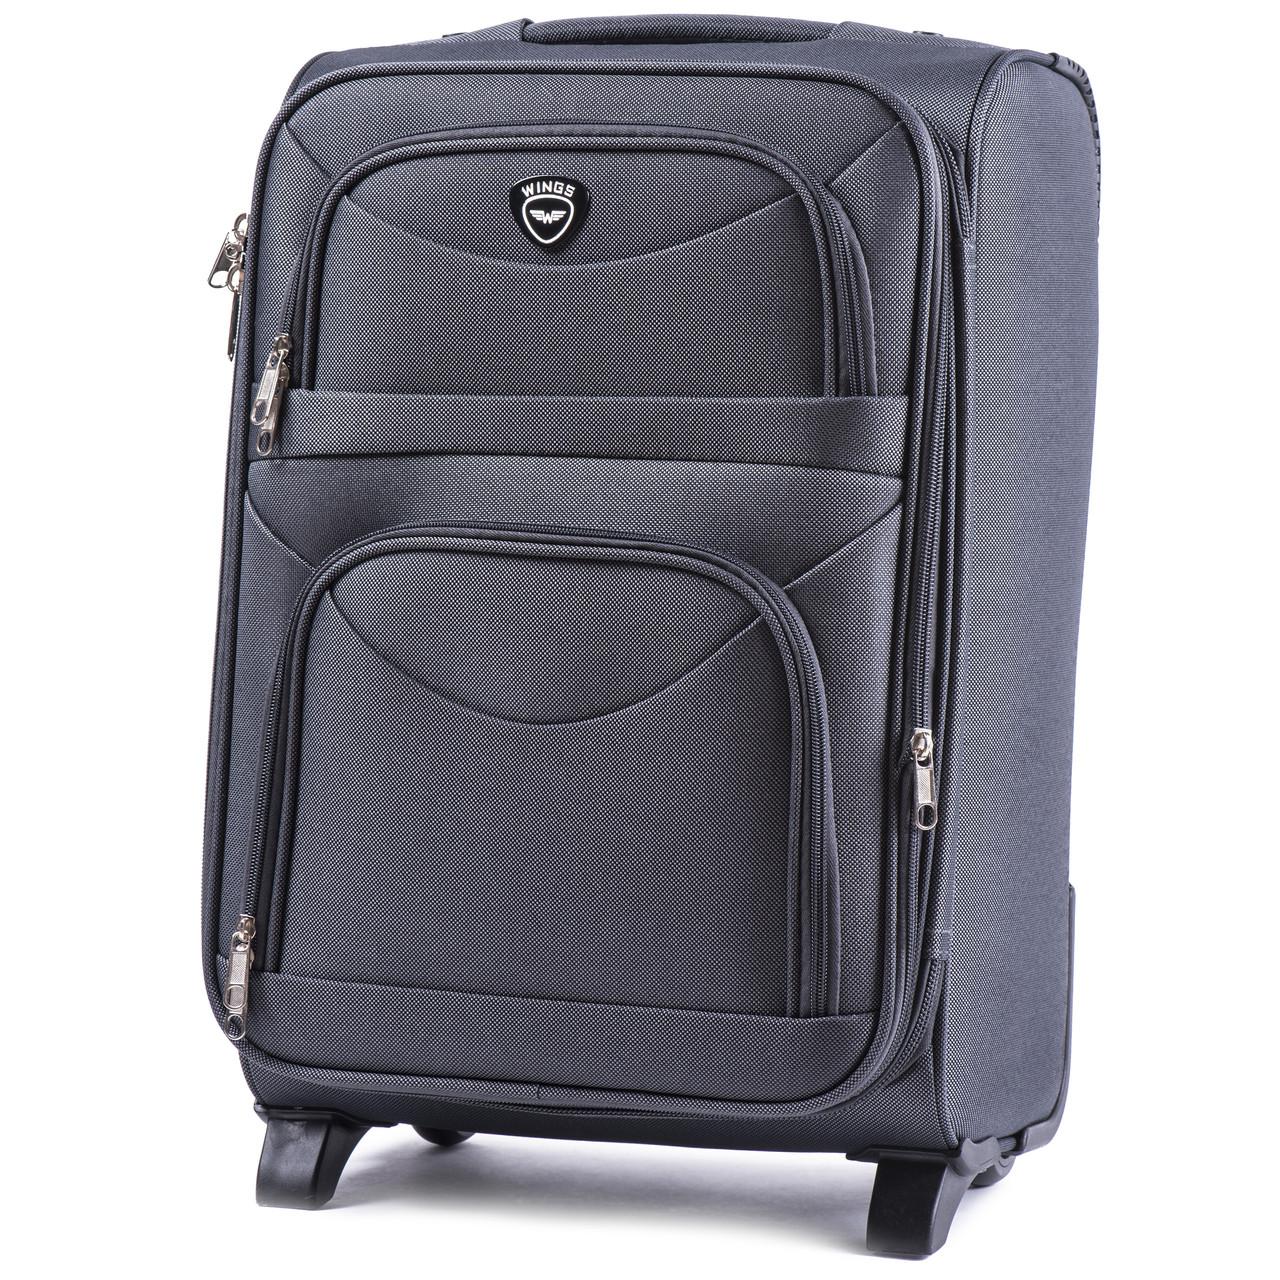 Большой тканевый чемодан Wings 6802 на 2 колесах серый, фото 1